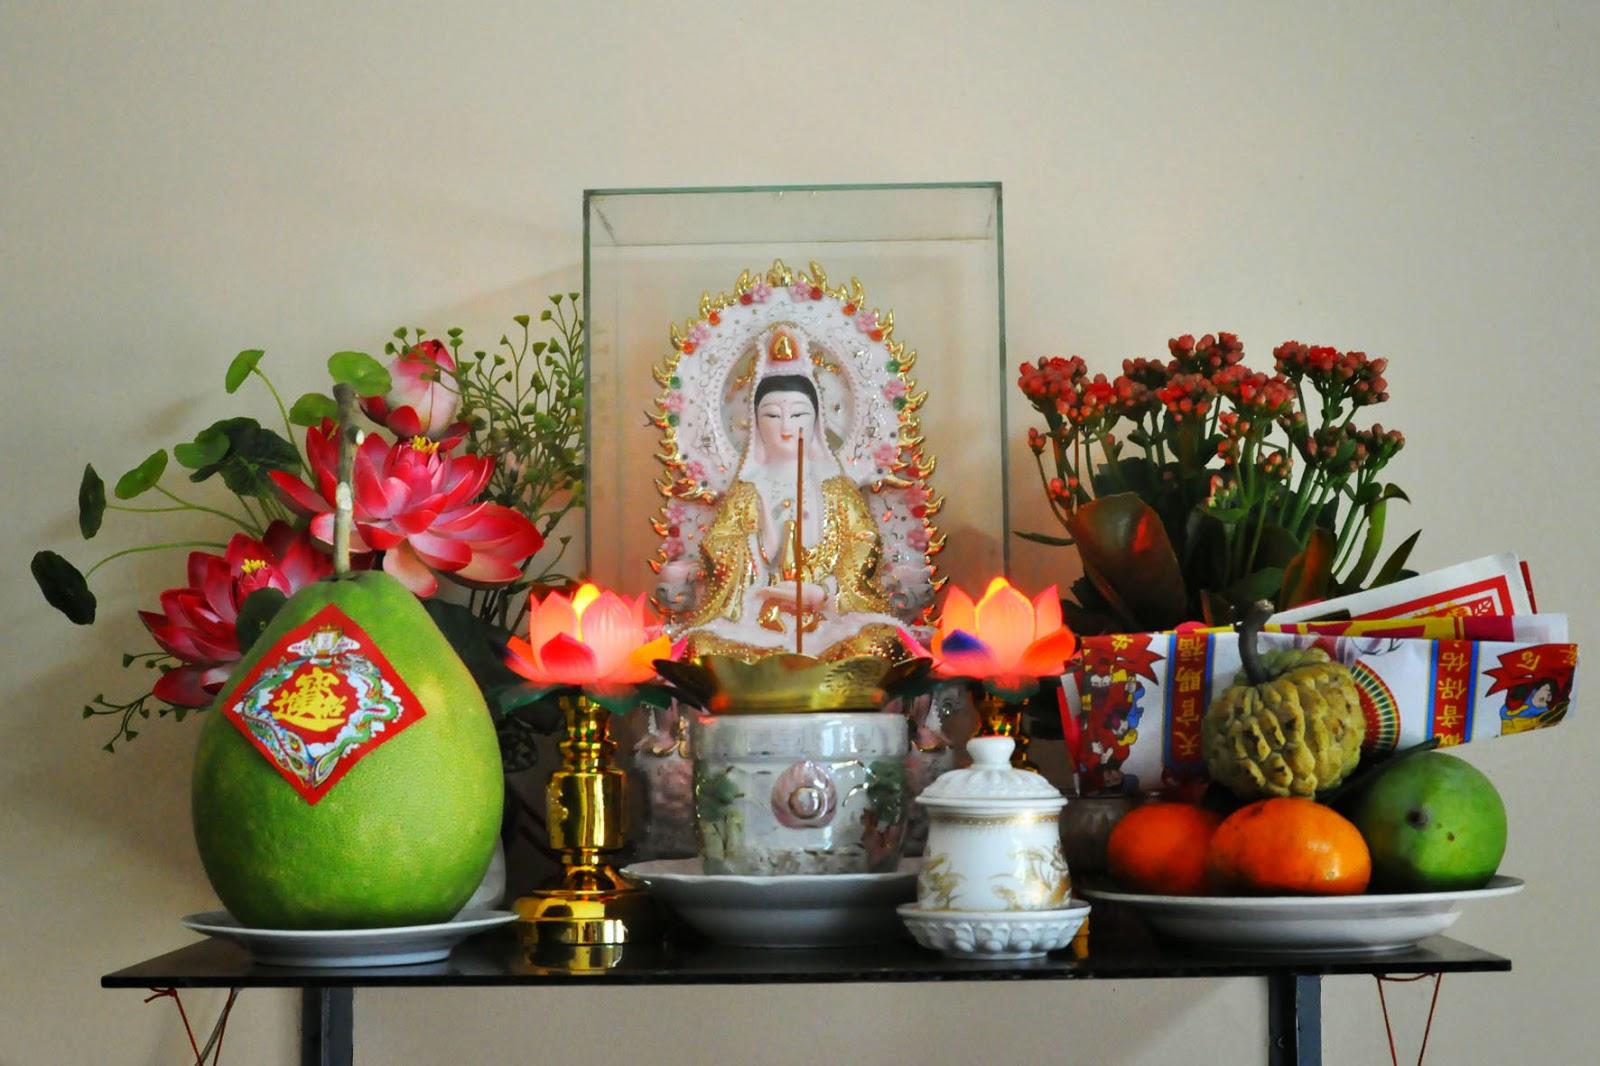 Tủ thờ Phật bà quan âm tại nhà và những điều cần lưu ý 2